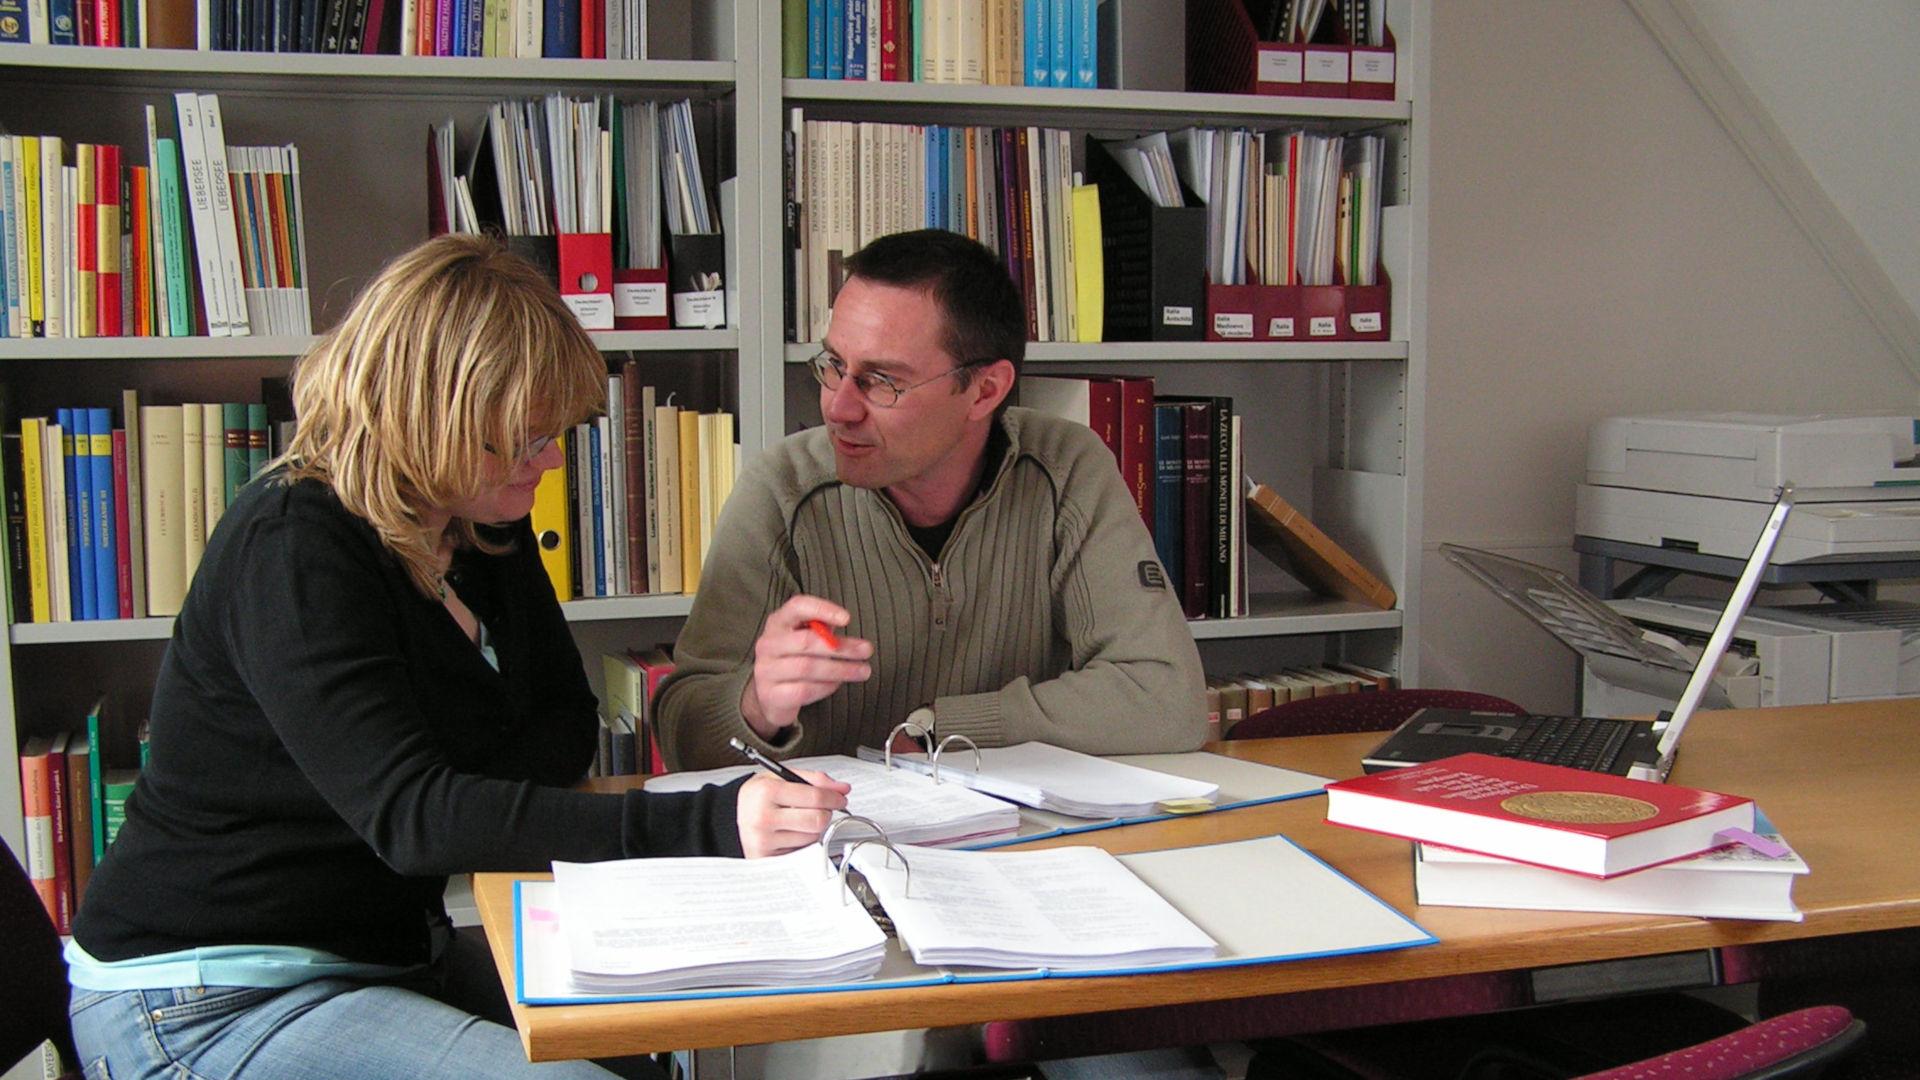 Nicole Schacher et Michael Nick durant des recherches numismatiques